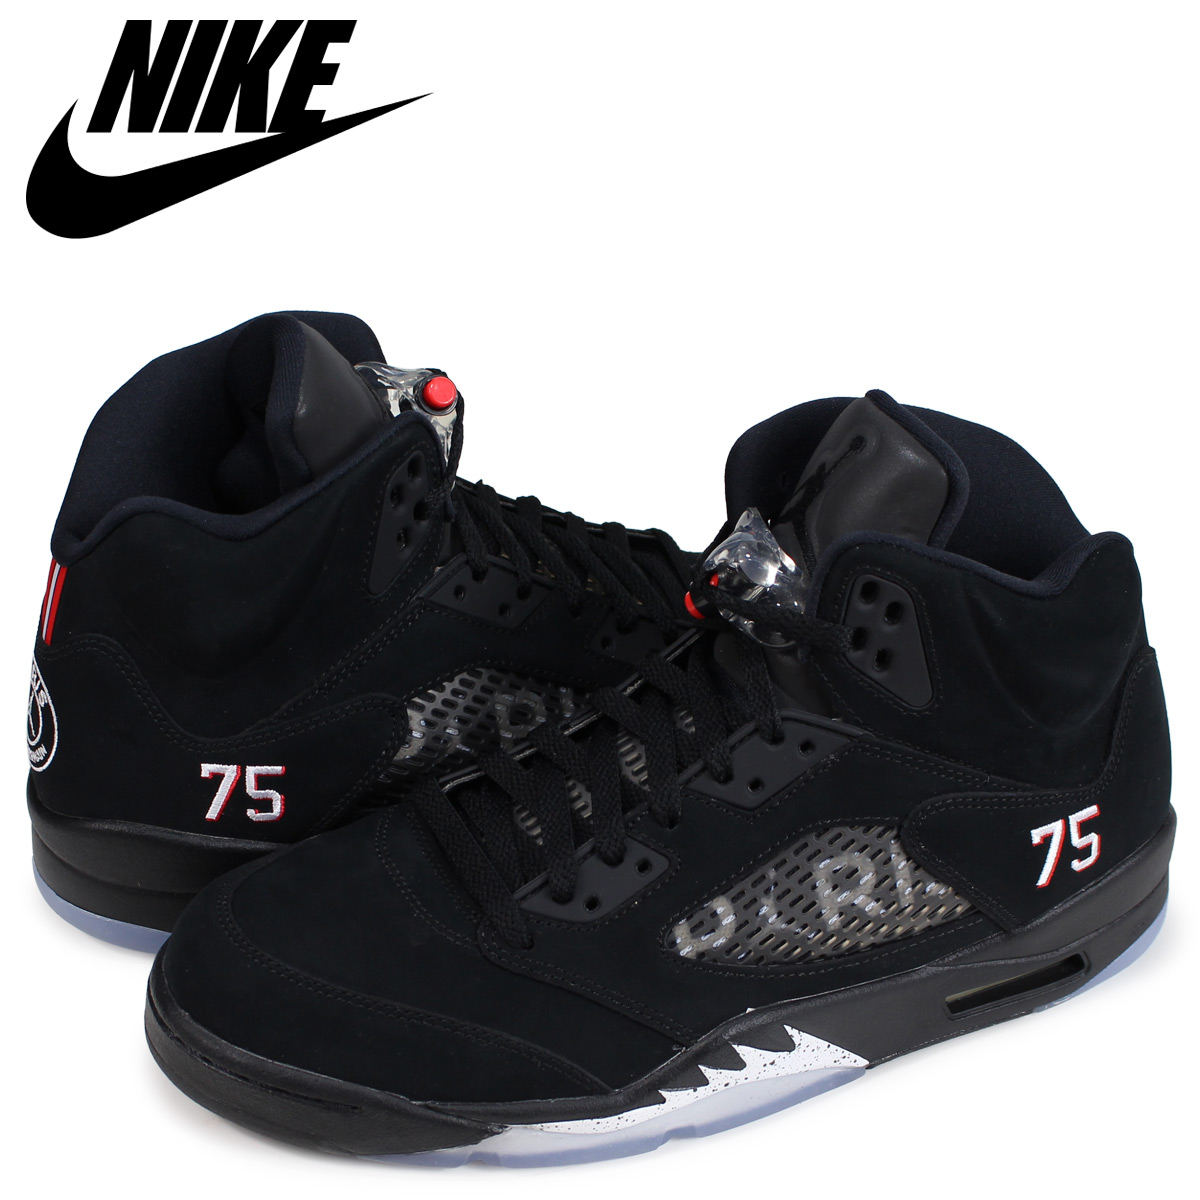 5c98f6a1fd29ca NIKE AIR JORDAN 5 RETRO BCFC PSG Nike Air Jordan 5 nostalgic sneakers men  black AV9175-001